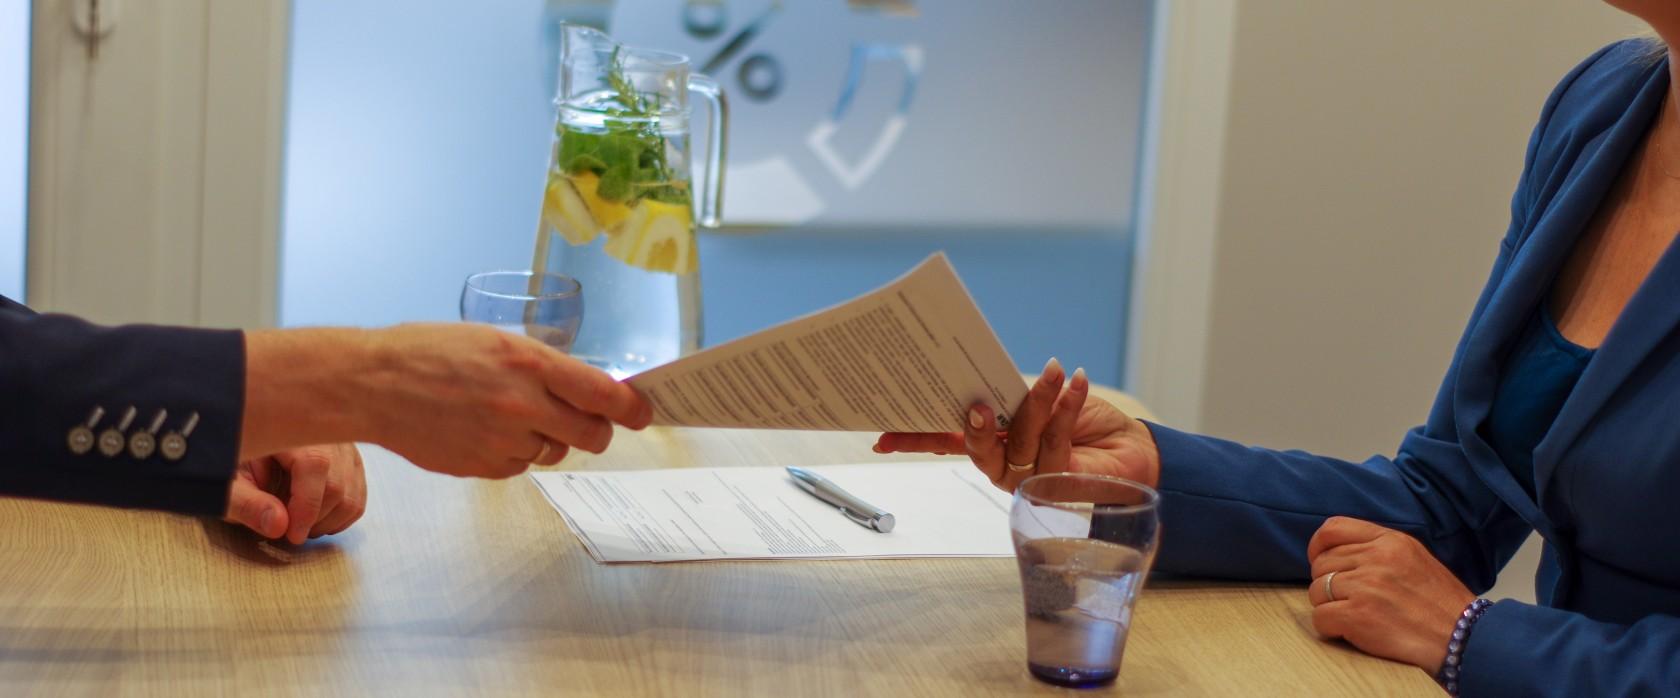 Program MdM - dopłaty do kredytów, zasady i obowiązki